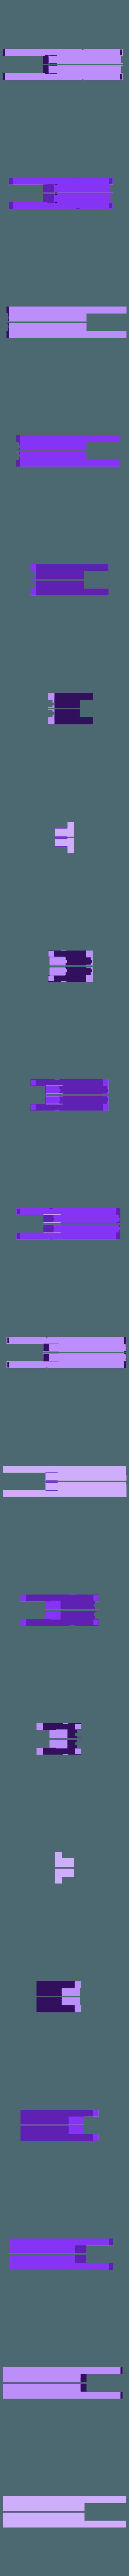 mask-phone-holder-0.stl Télécharger fichier SCAD gratuit Support téléphonique pour la création de masques • Design pour imprimante 3D, kevfquinn